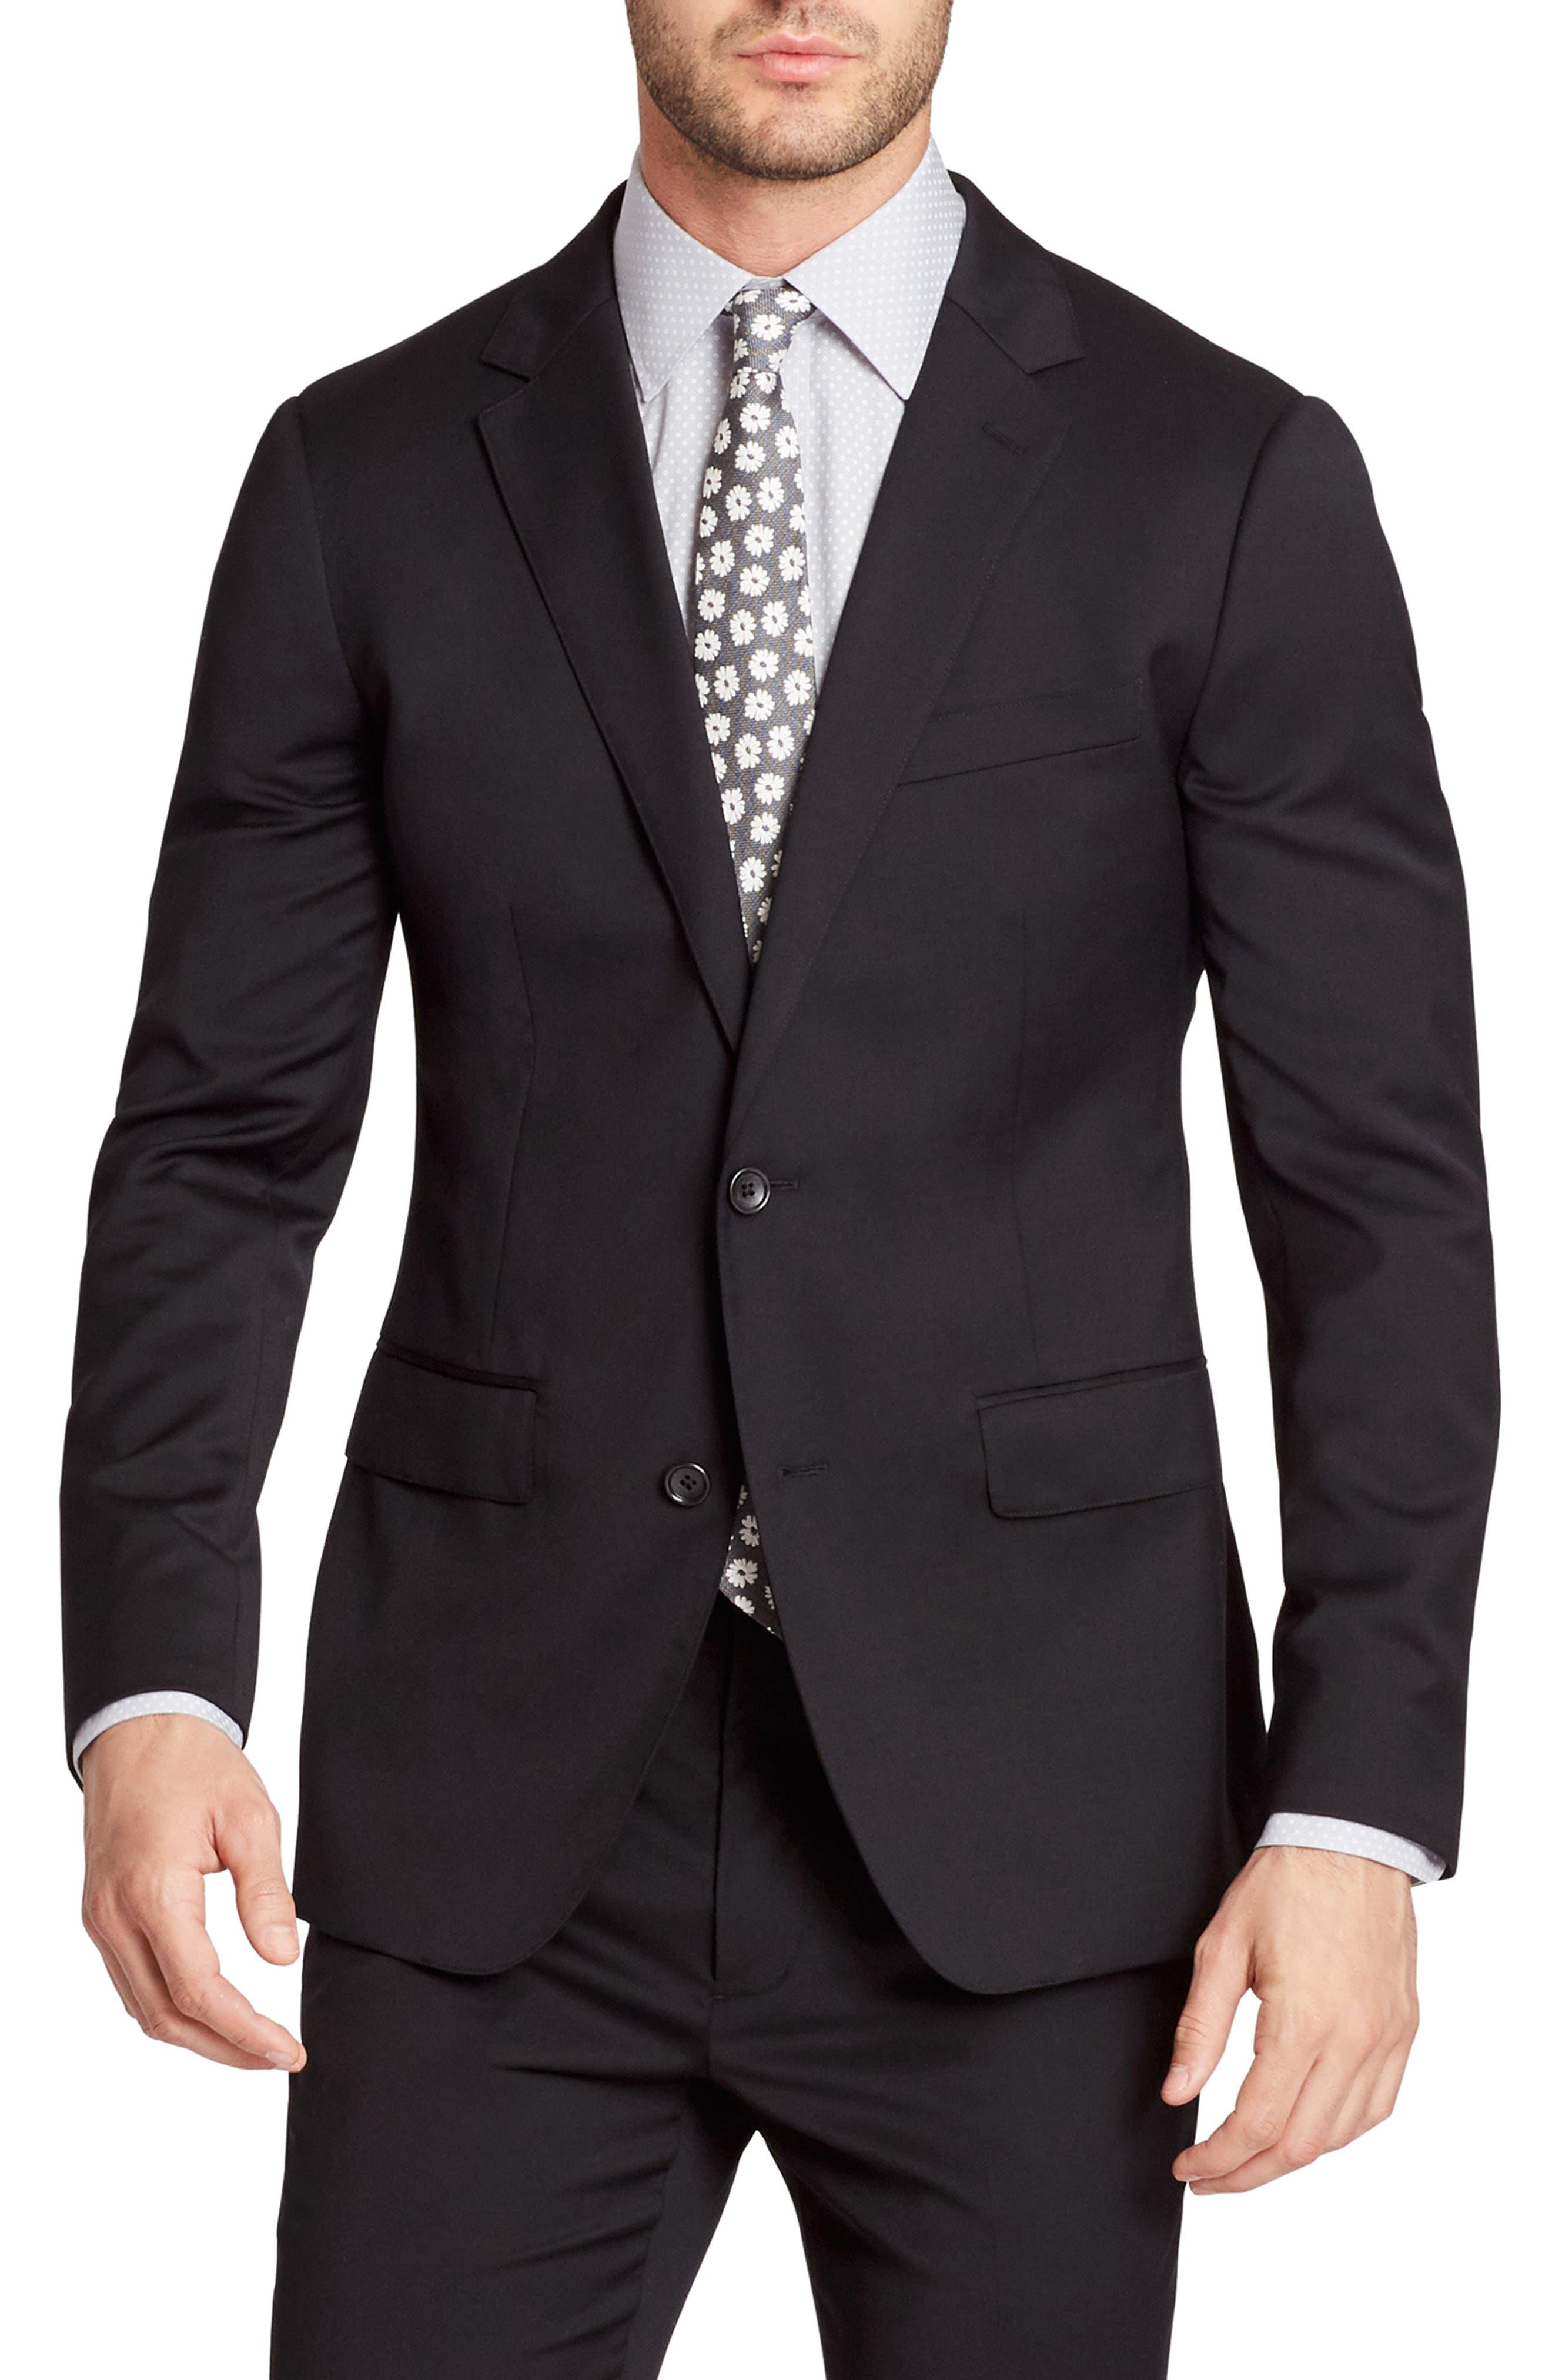 Jetsetter Trim Fit Stretch Wool Suit Jacket,                             Main thumbnail 1, color,                             Black